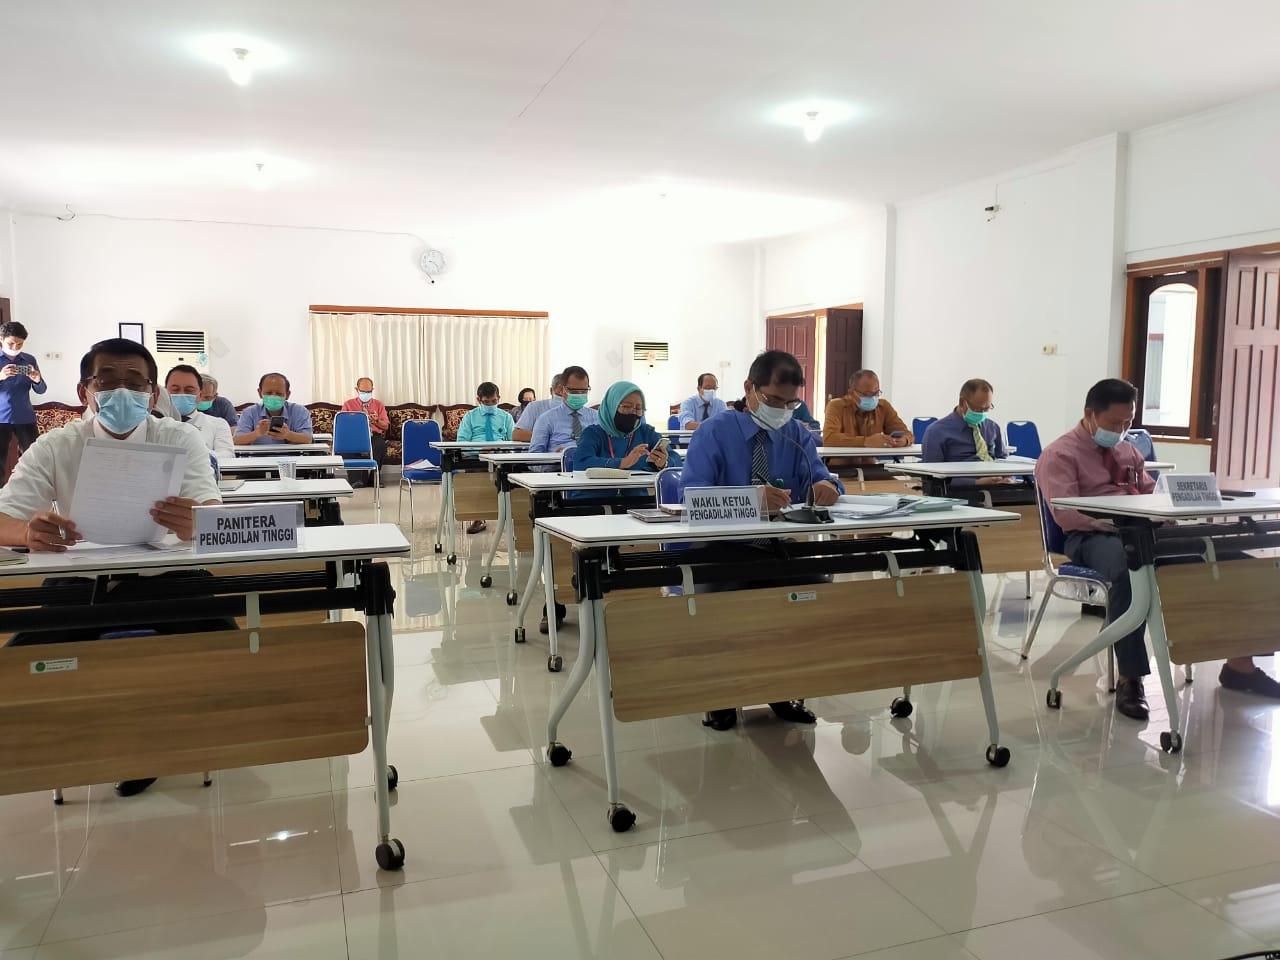 Pembinaan Bidang Teknis Dan Administrasi Yudisial Oleh Pimpinan Mahkamah Agung RI Secara Daring